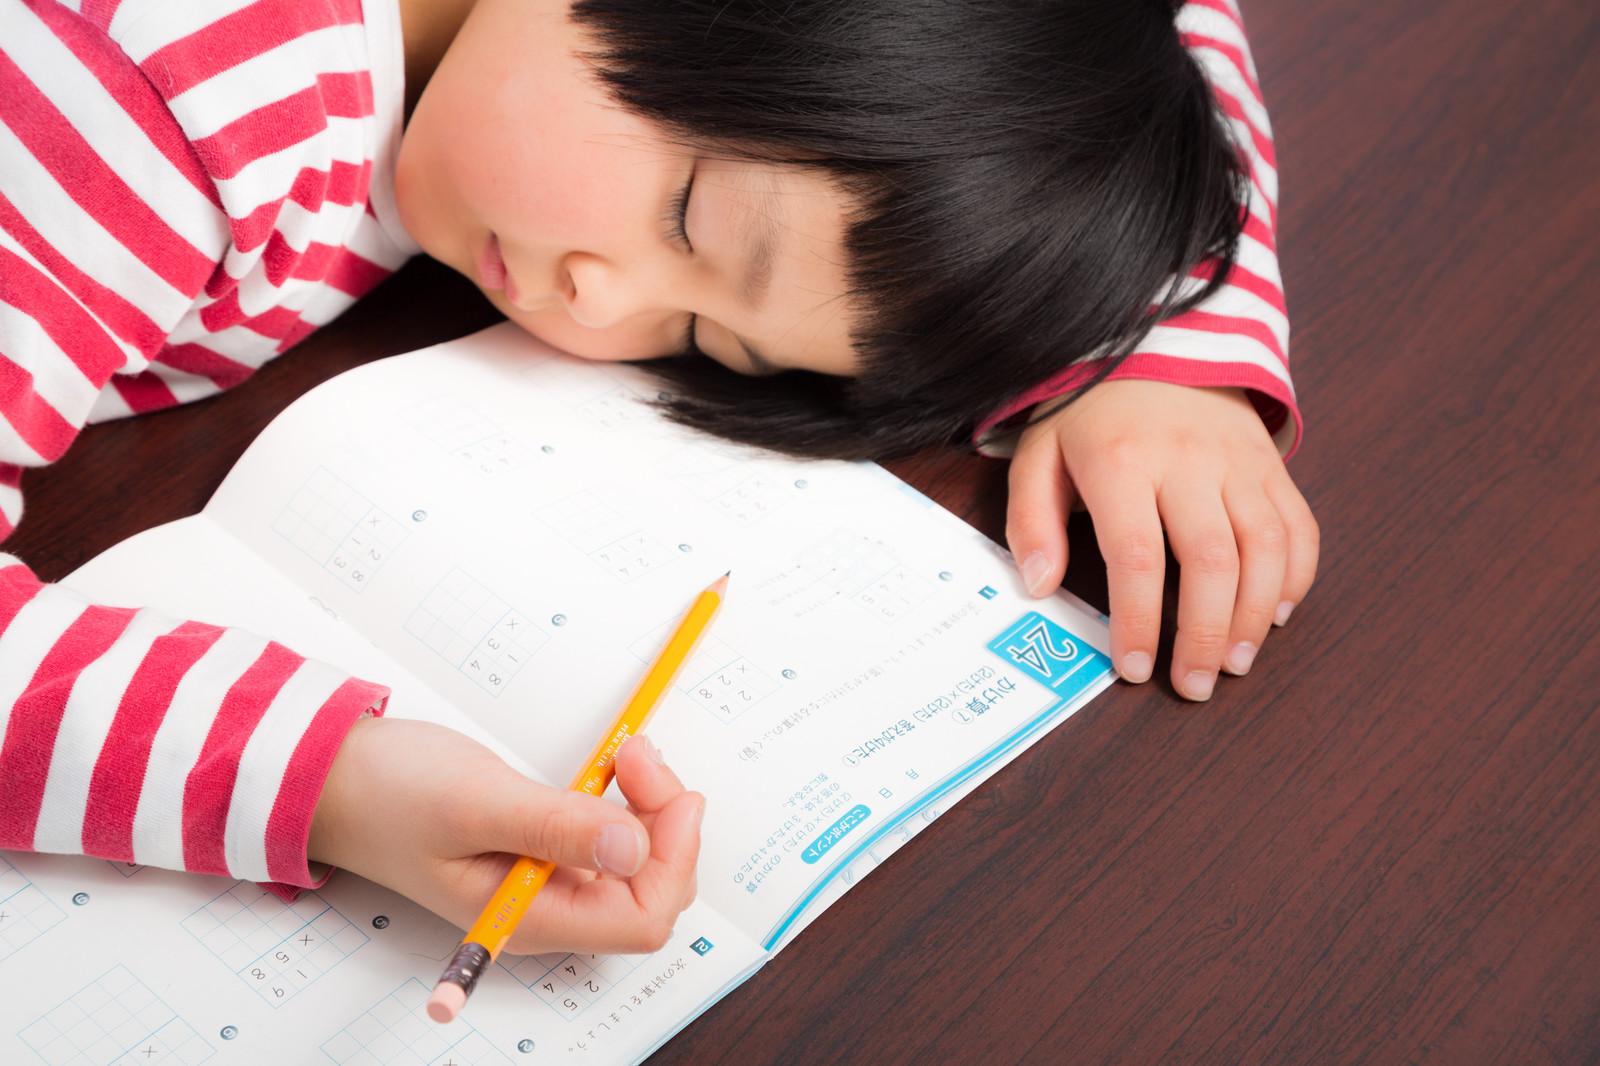 宿題をしない子にはどんな指導をすればいいの?言い訳させない状況の作り方を徹底解説!